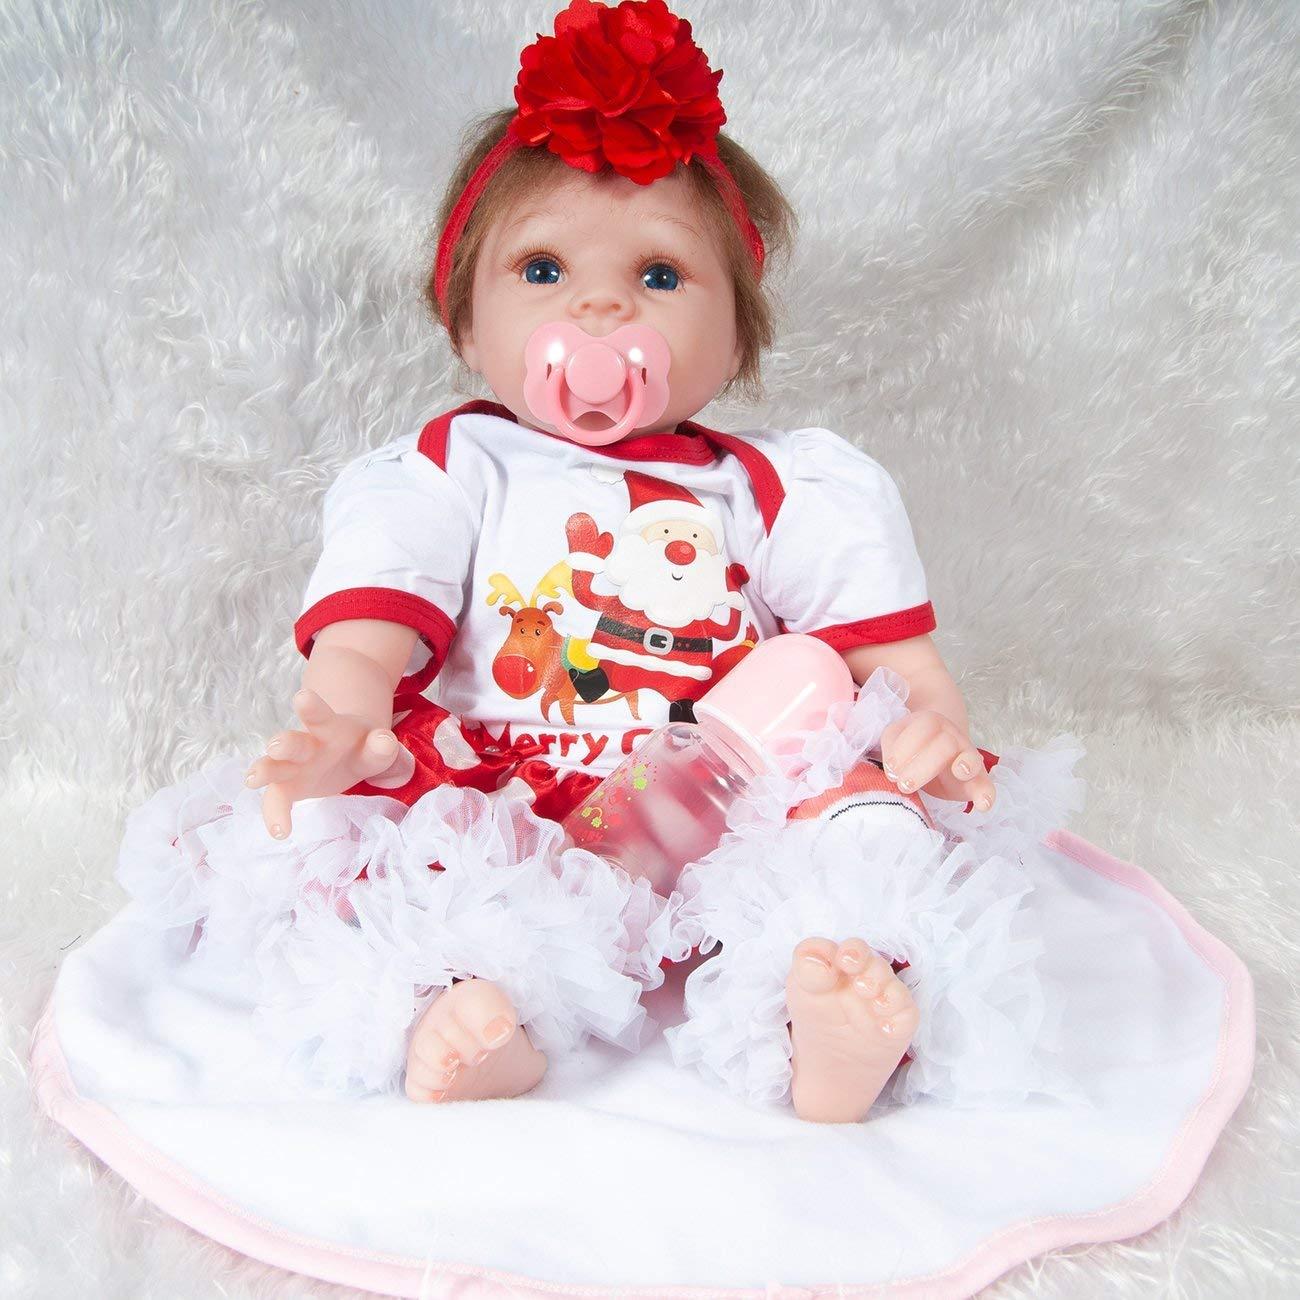 Azalea 55cm Reborn Baby Puppe Spielzeug Foto Requisiten realistisch Weichen Tuch körper Weihnachten weihnachtsmann Decor Neugeborenen puppegeburtstag Geschenk